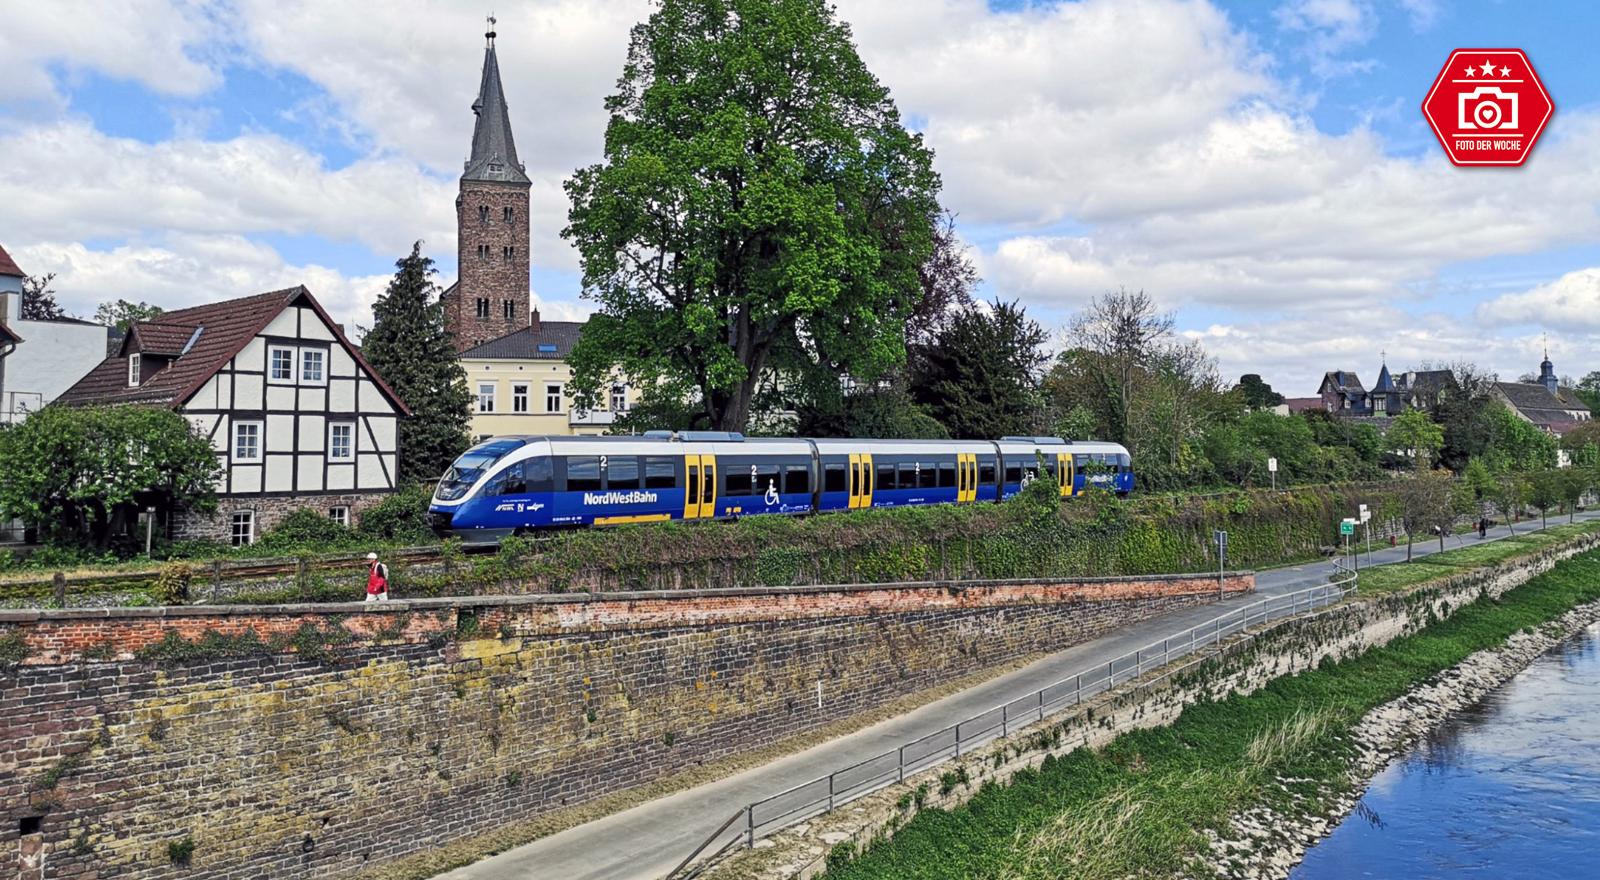 ©Foto: André Rosendahl   railmen   Nordwestbahn (NWB): Zu Besuch in Höxter. Im Vordergrund ist die Weser zu sehen und der Zug befindet sich auf dem Weg von Holzminden nach Paderborn.